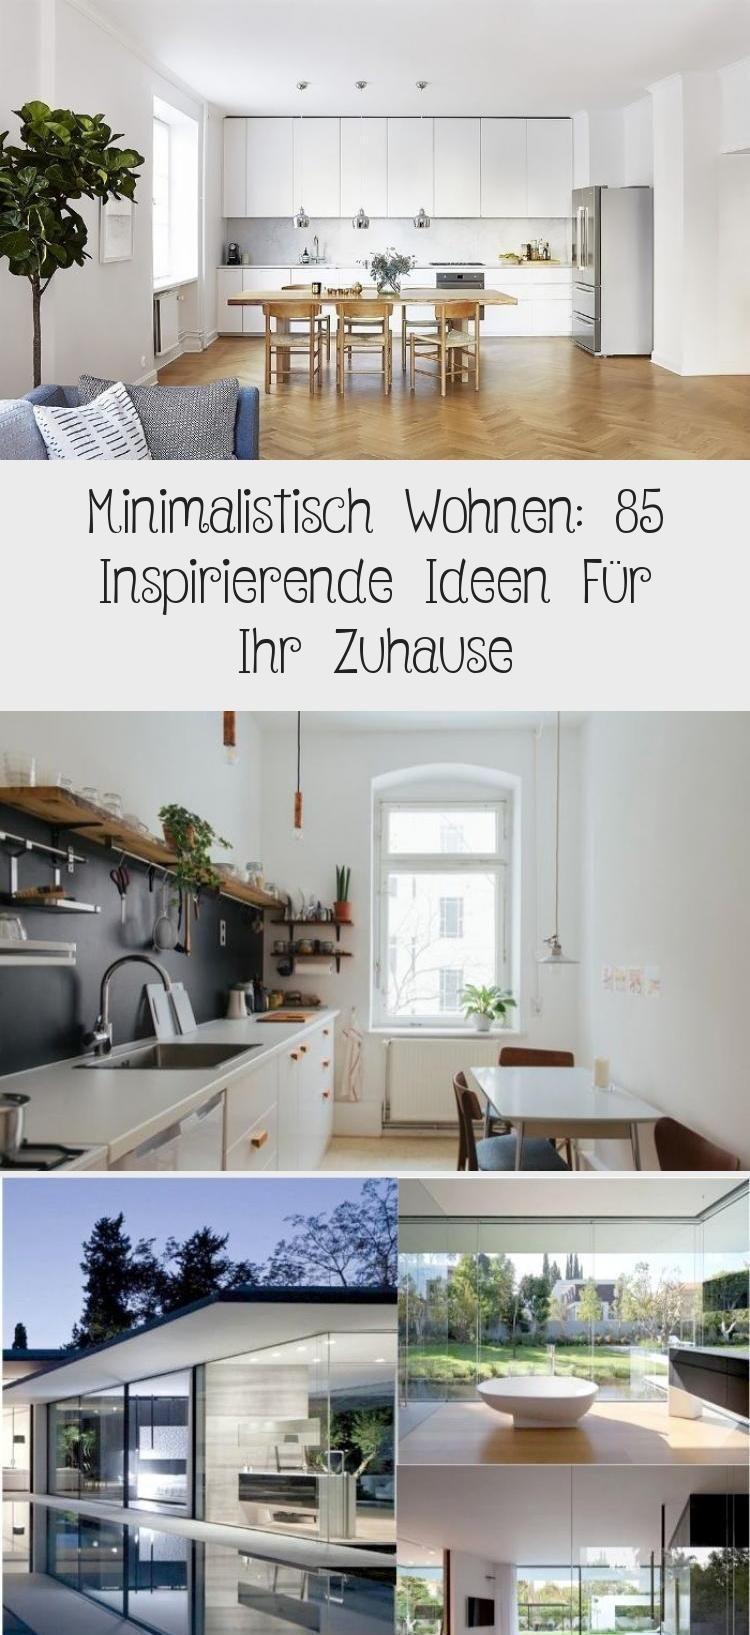 Minimalistisches Wohnen